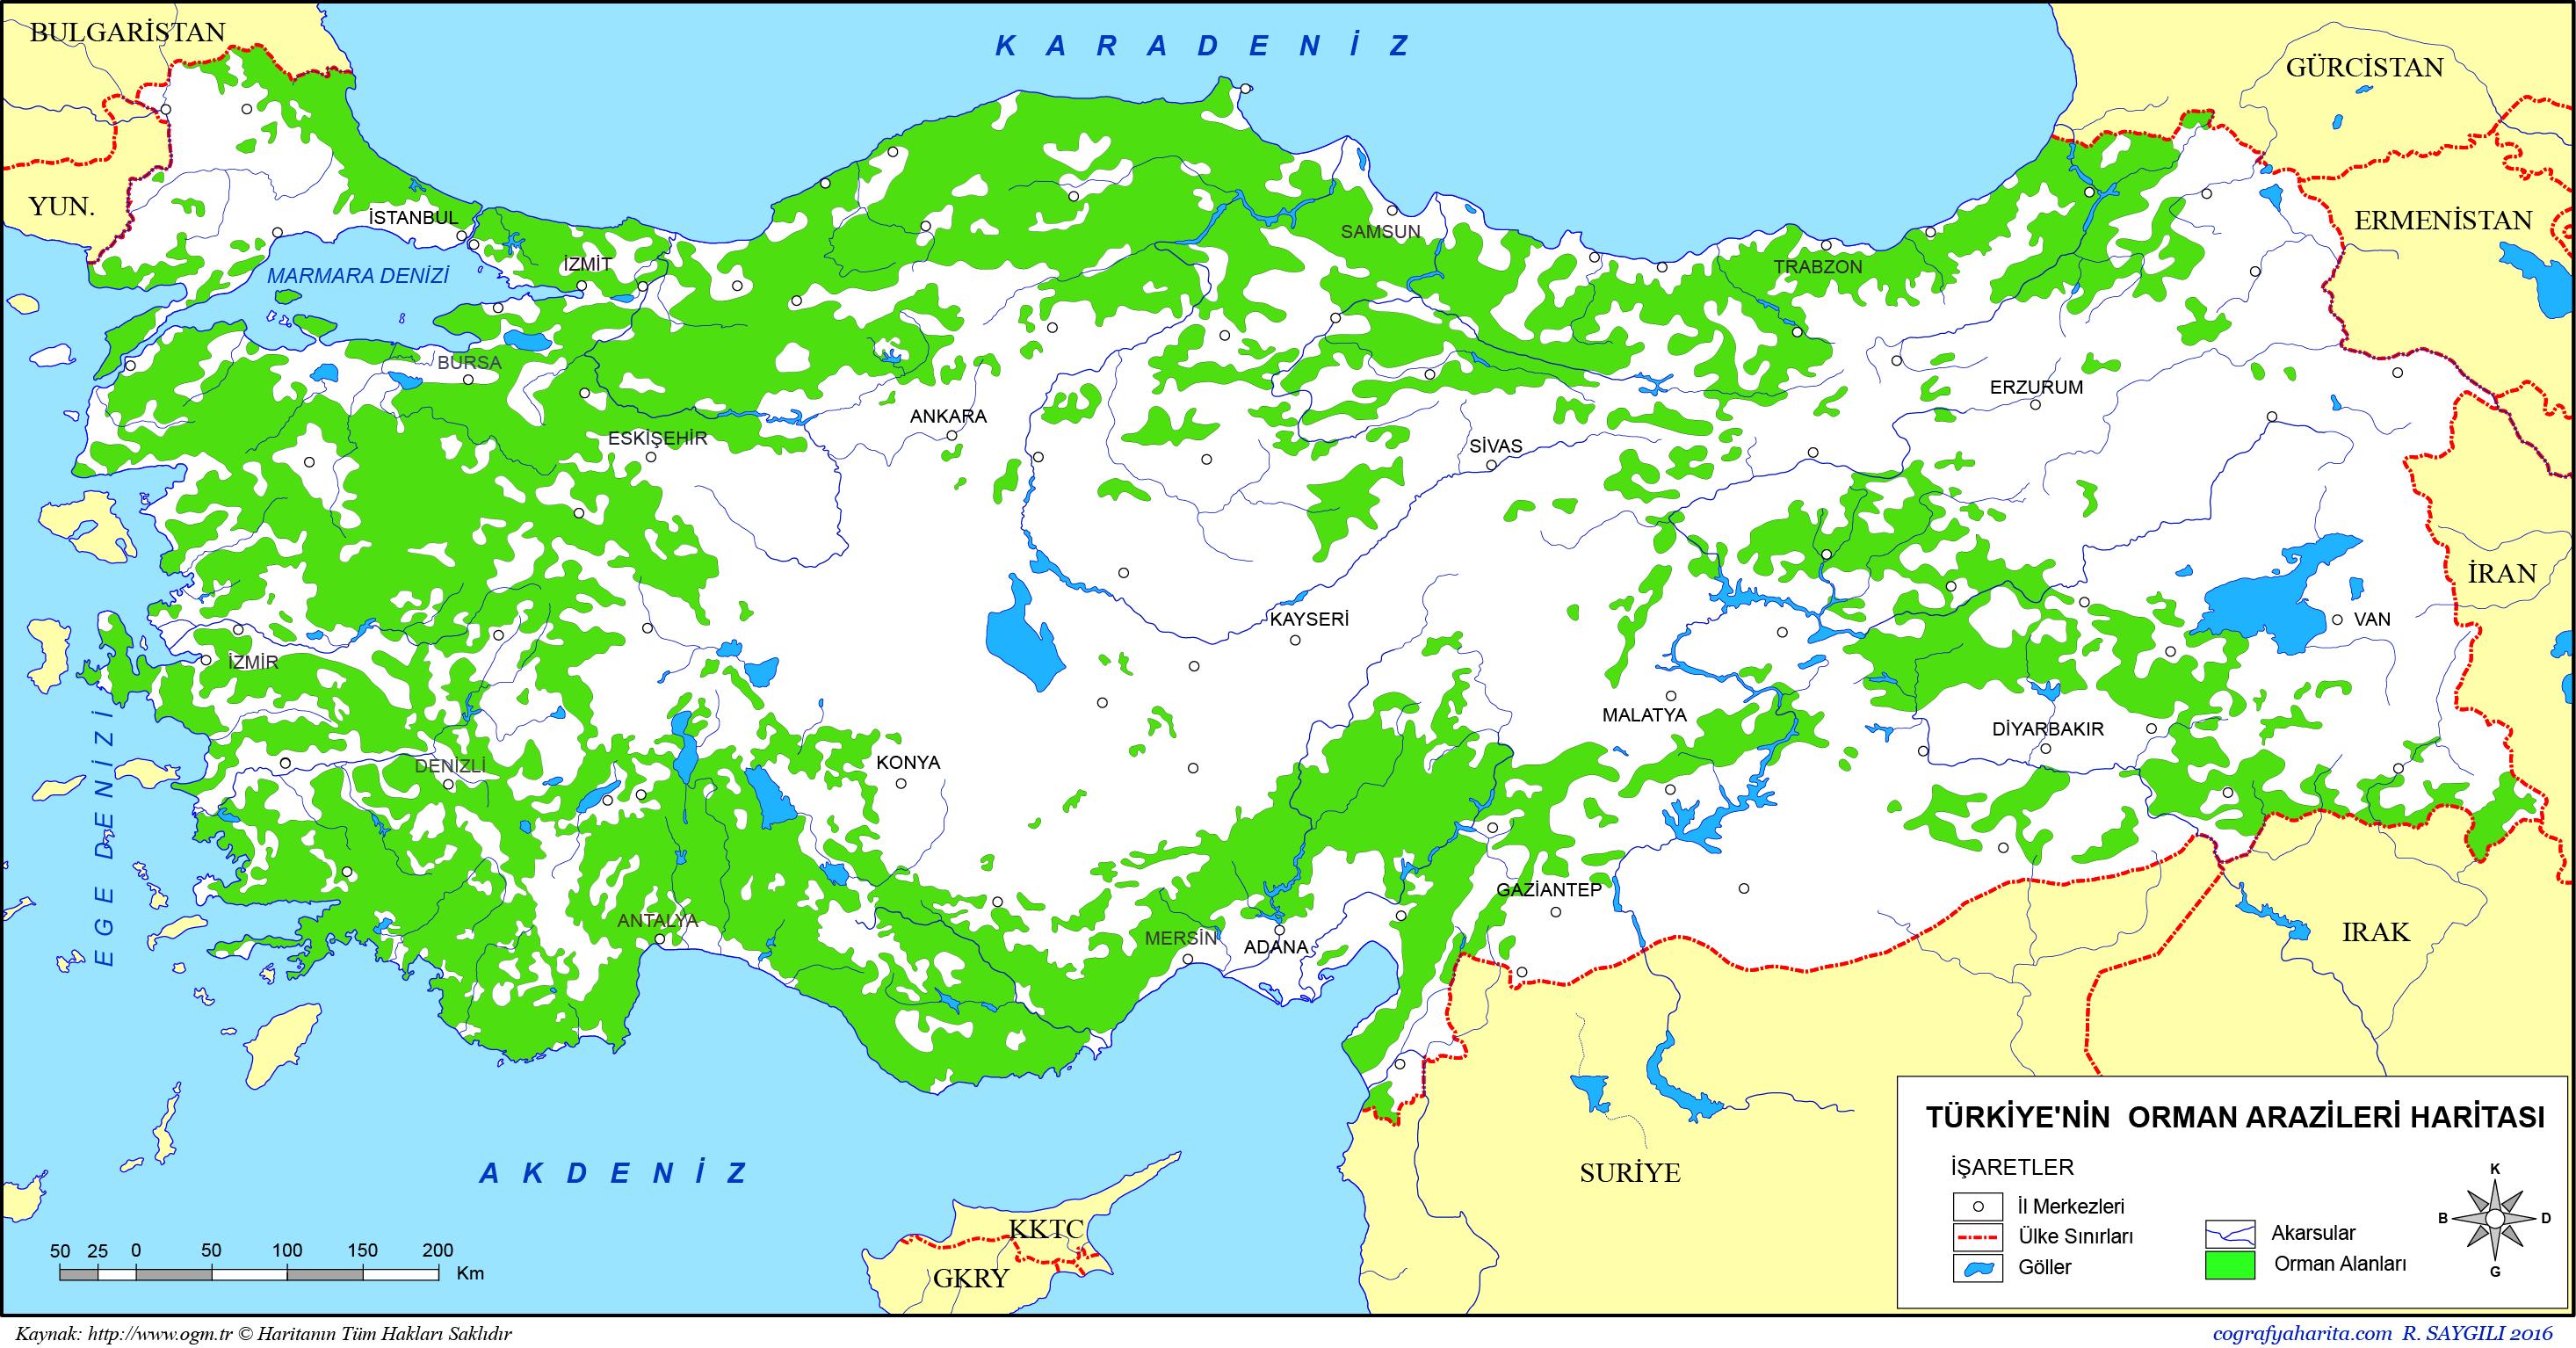 turkiye-orman-haritasi.png